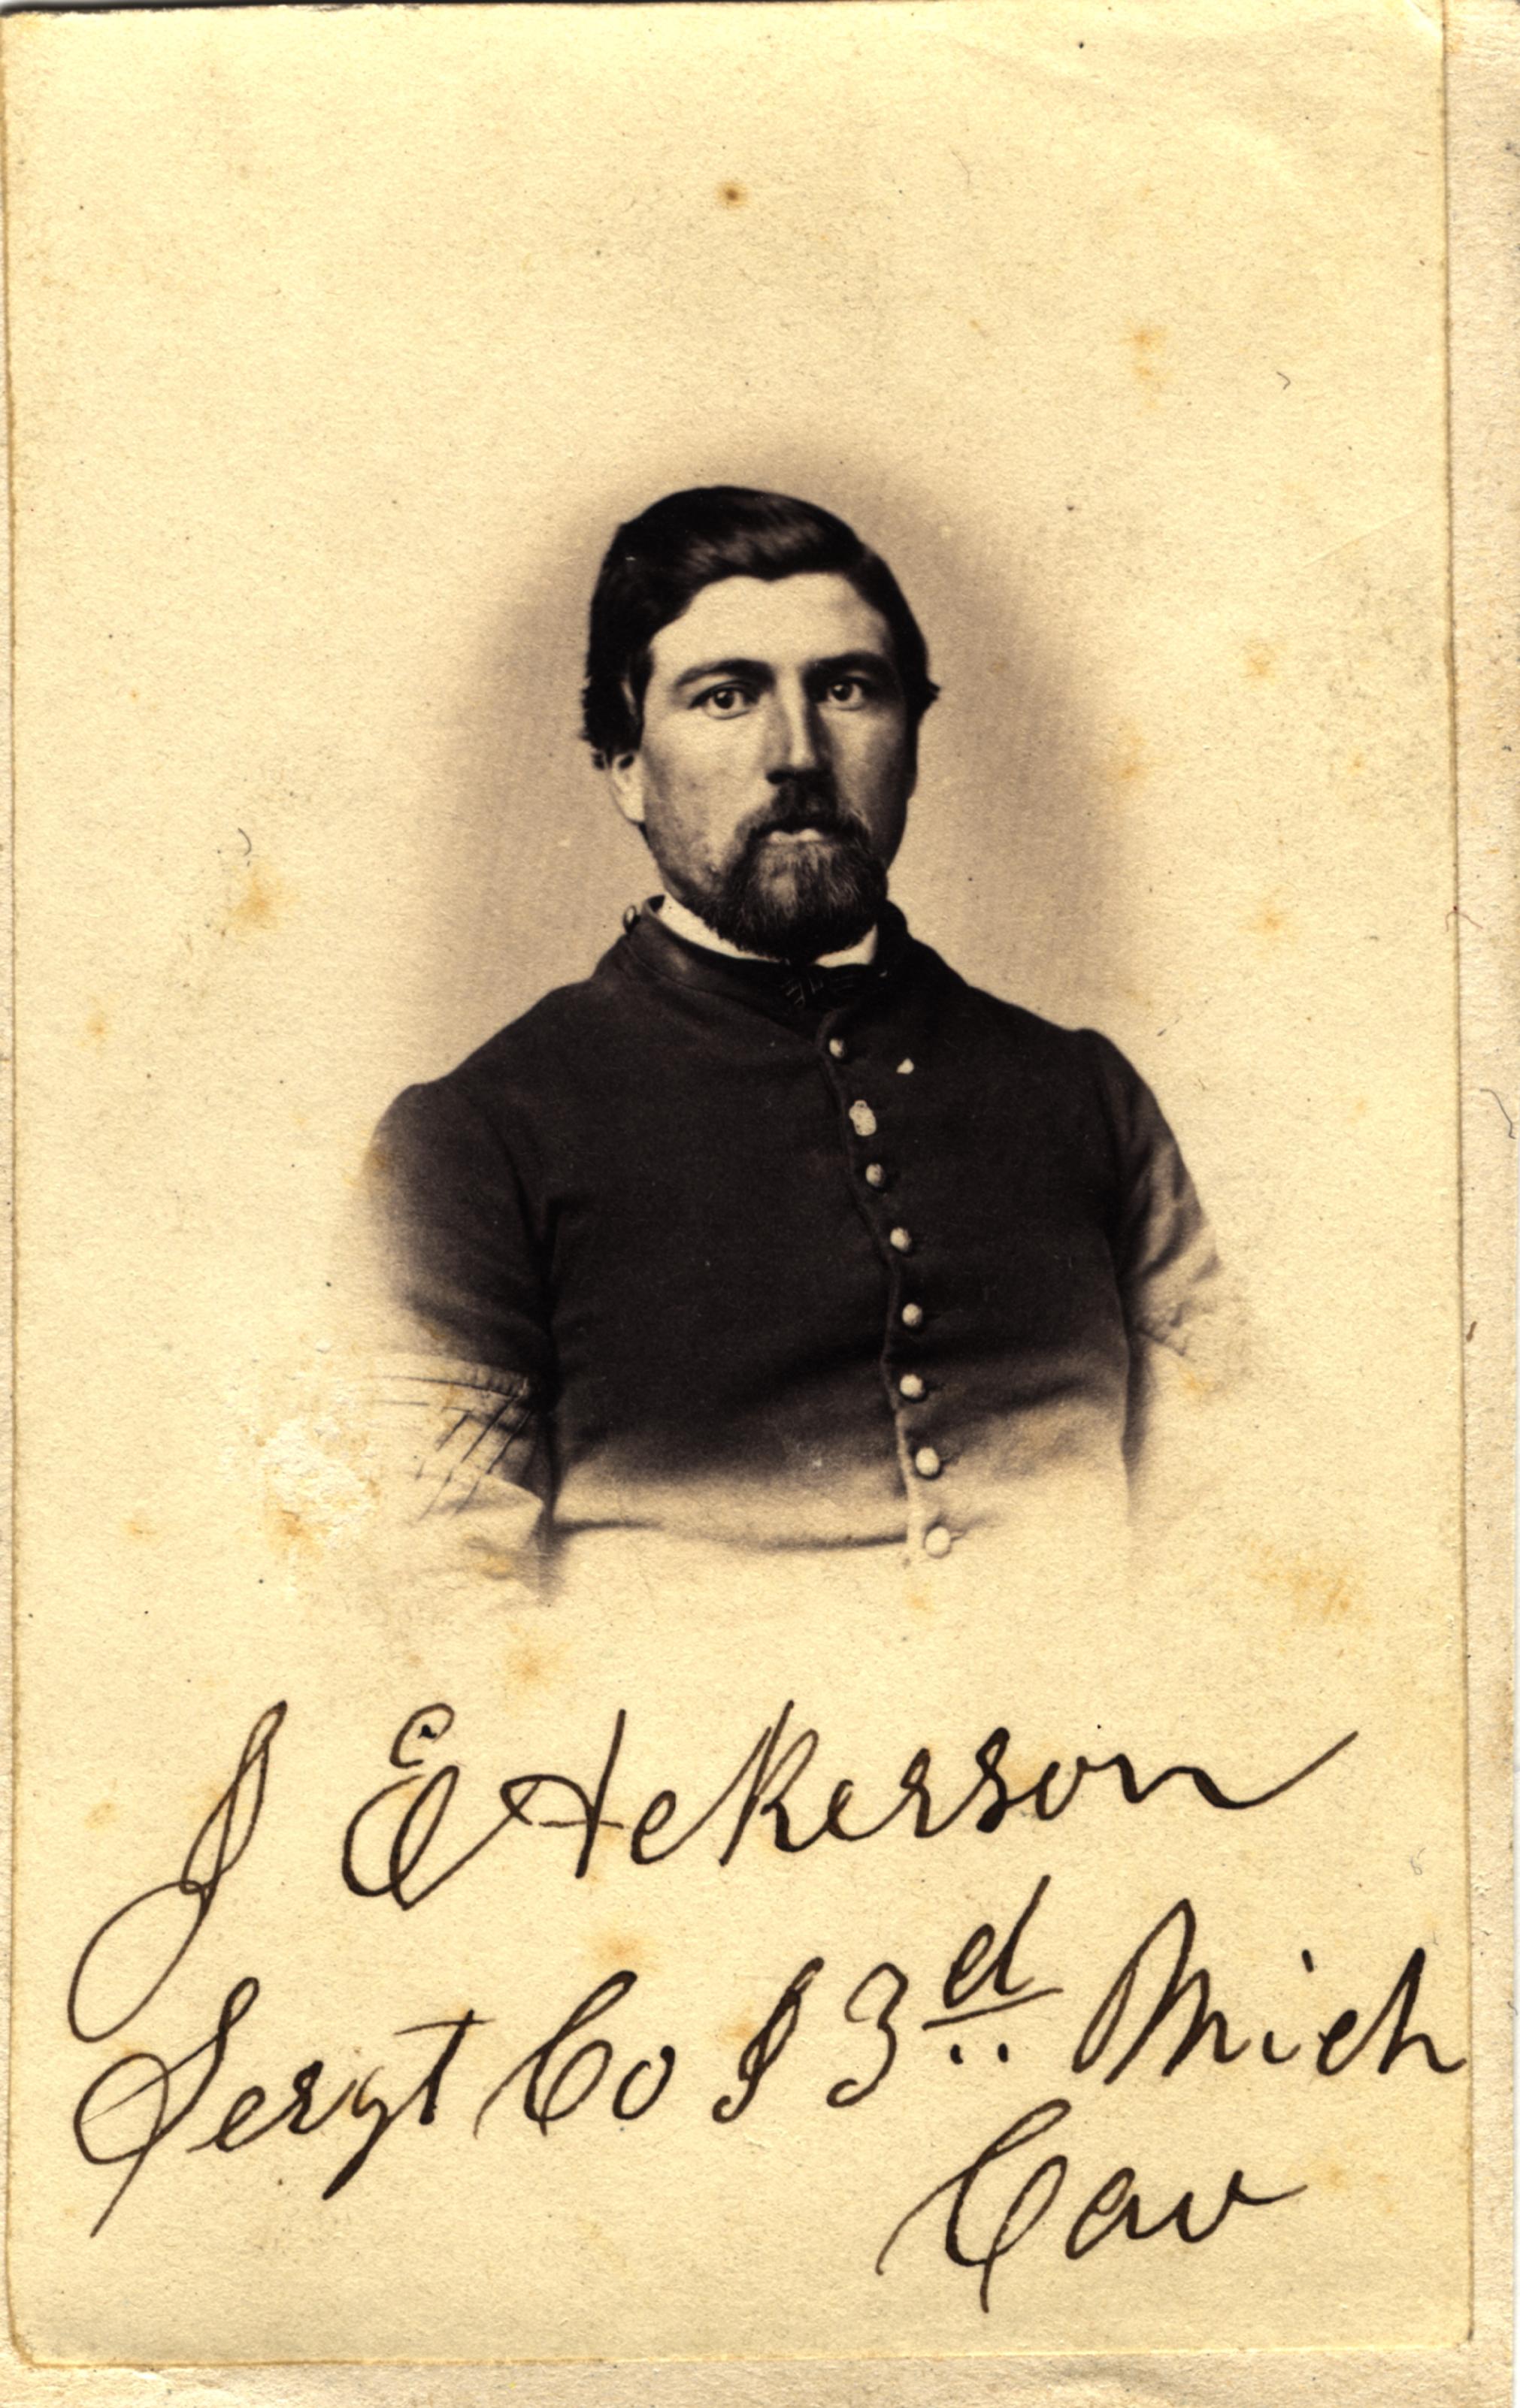 John E. Ackerson, circa 1860s